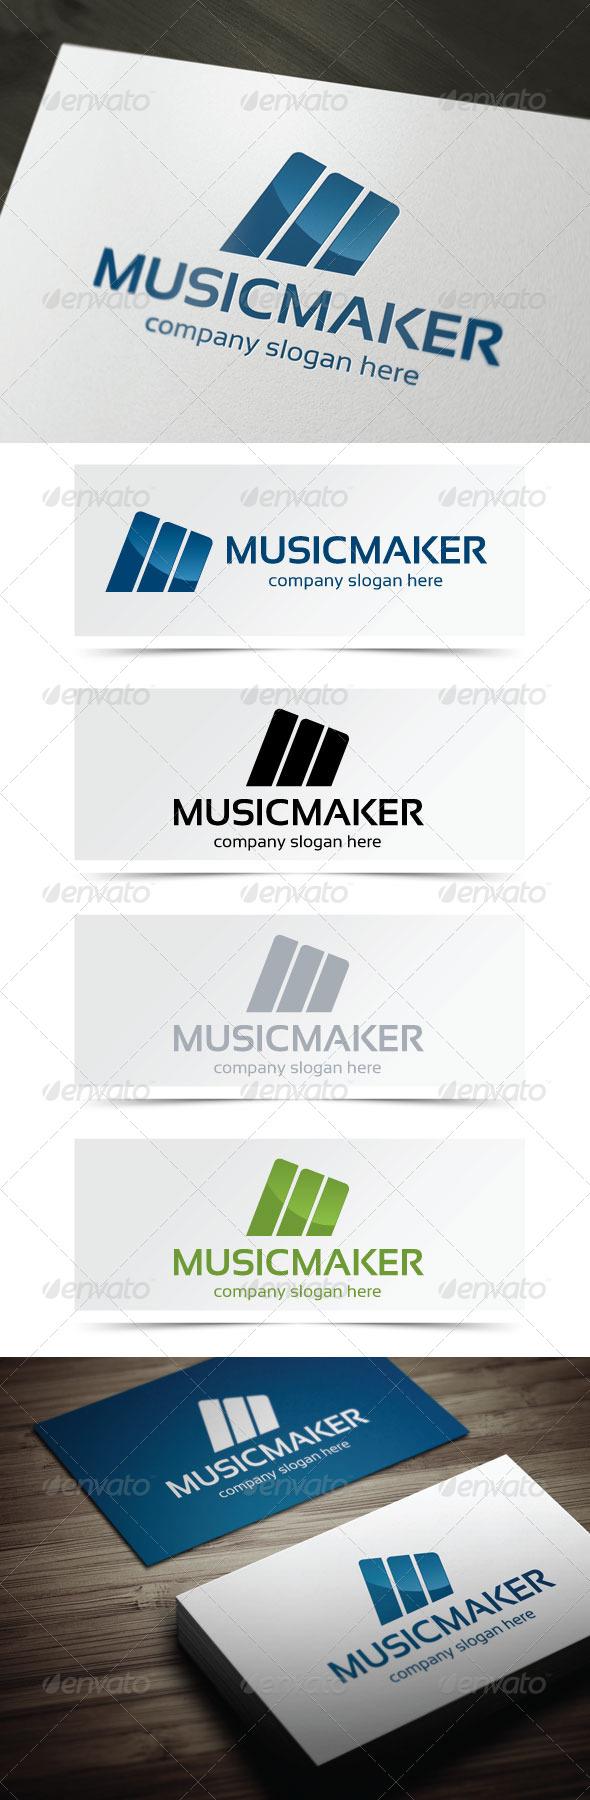 GraphicRiver Music Maker 4995283